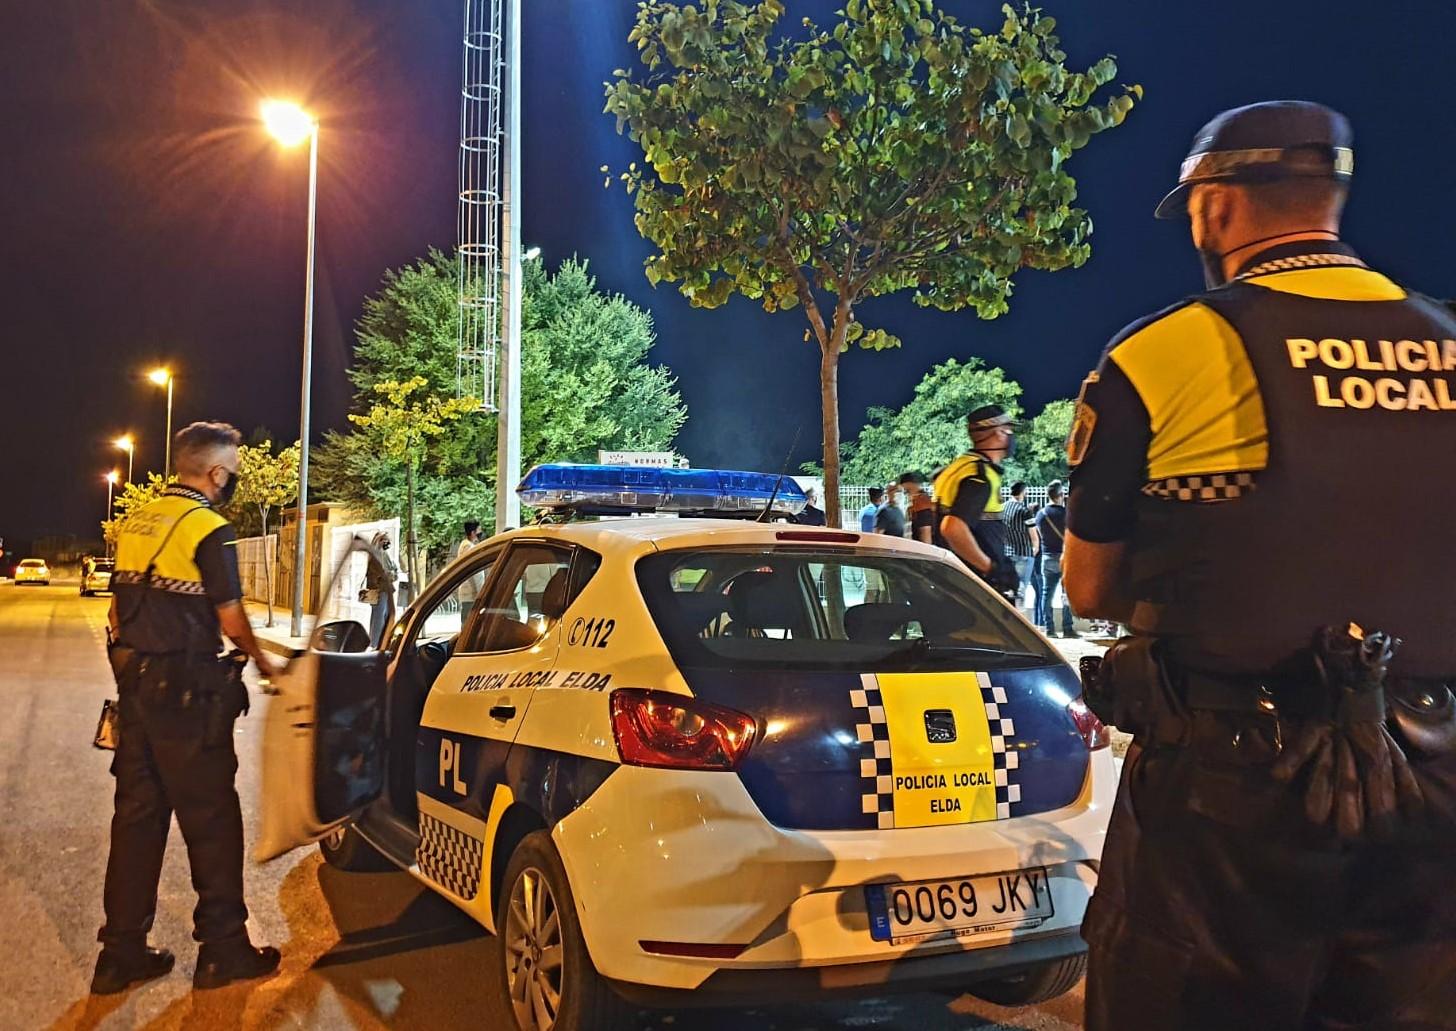 La Policía Local de Elda desaloja una fiesta ilegal en un piso alquilado en la que participaban 36 jóvenes, algunos de ellos menores de edad